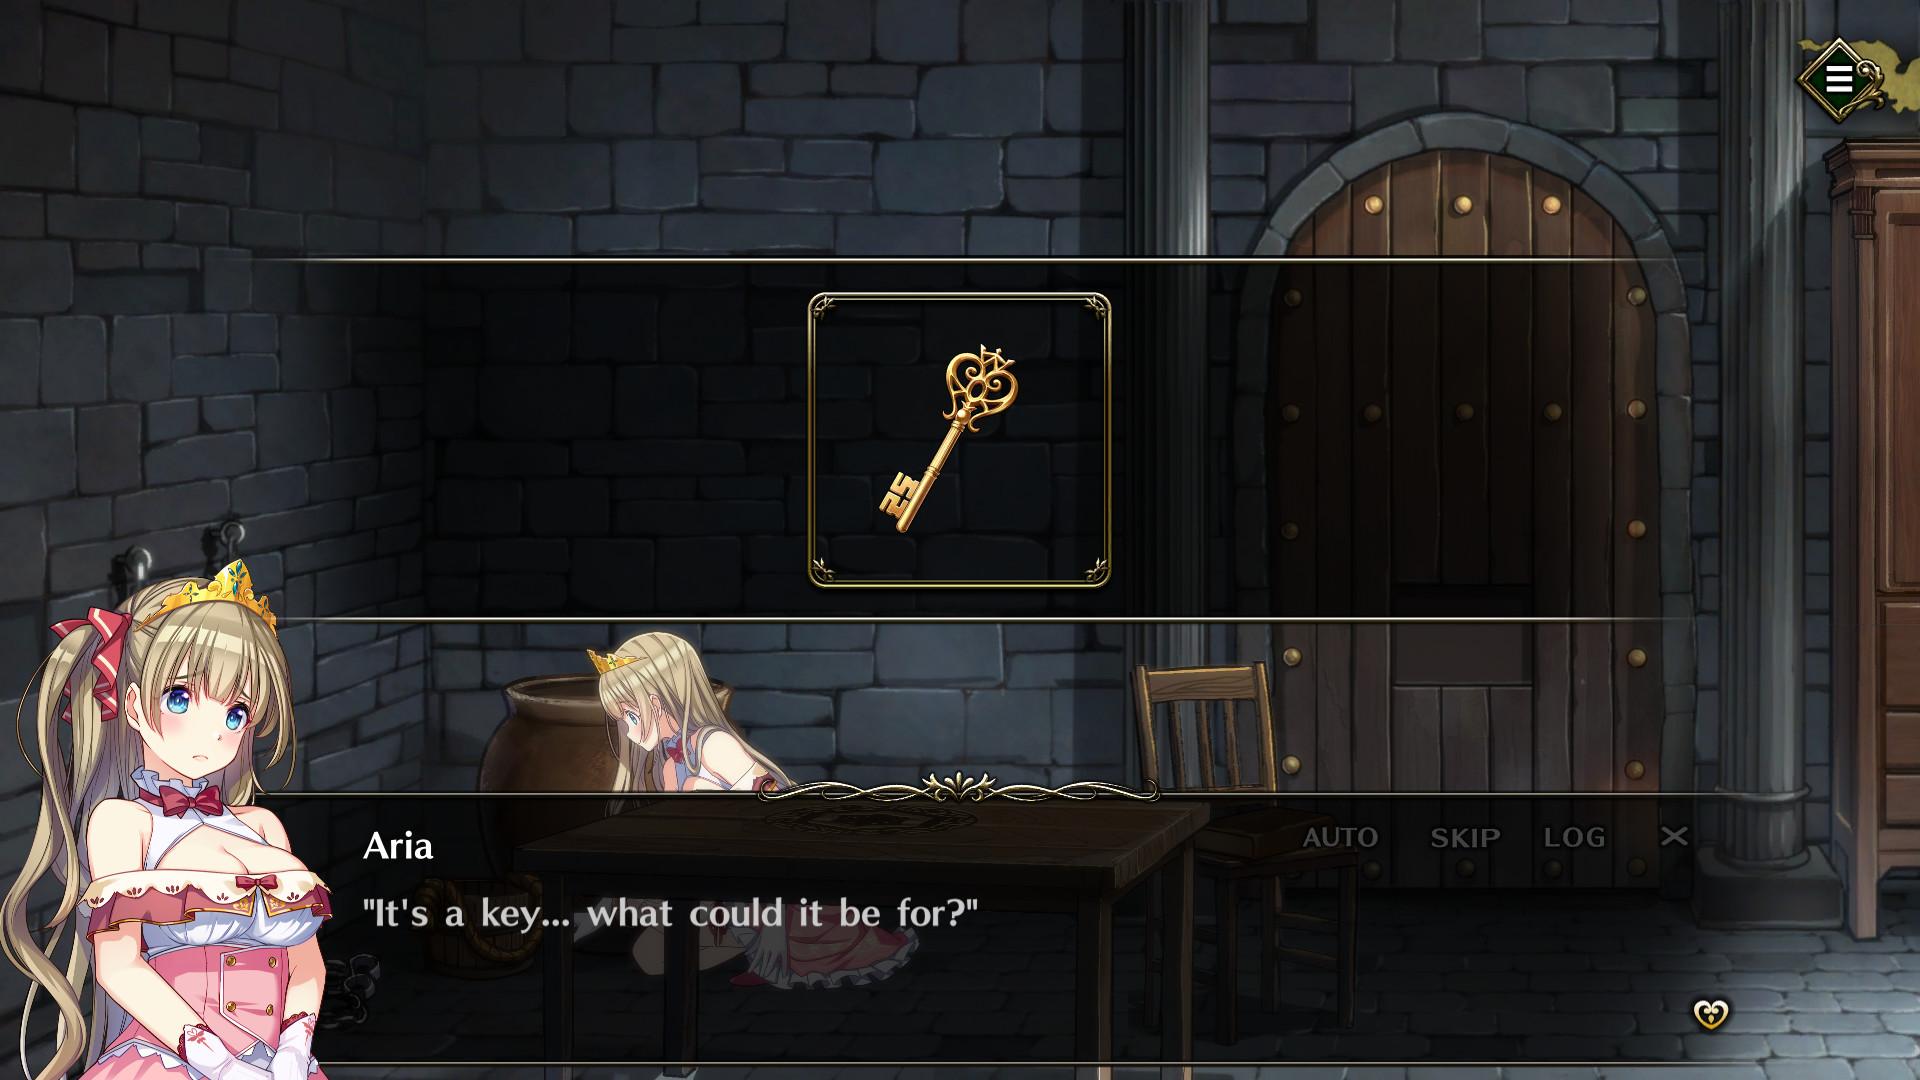 紳士向脫逃遊戲《Prison Princess》Steam將上架!身為幽靈也要帶公主逃出魔王城!